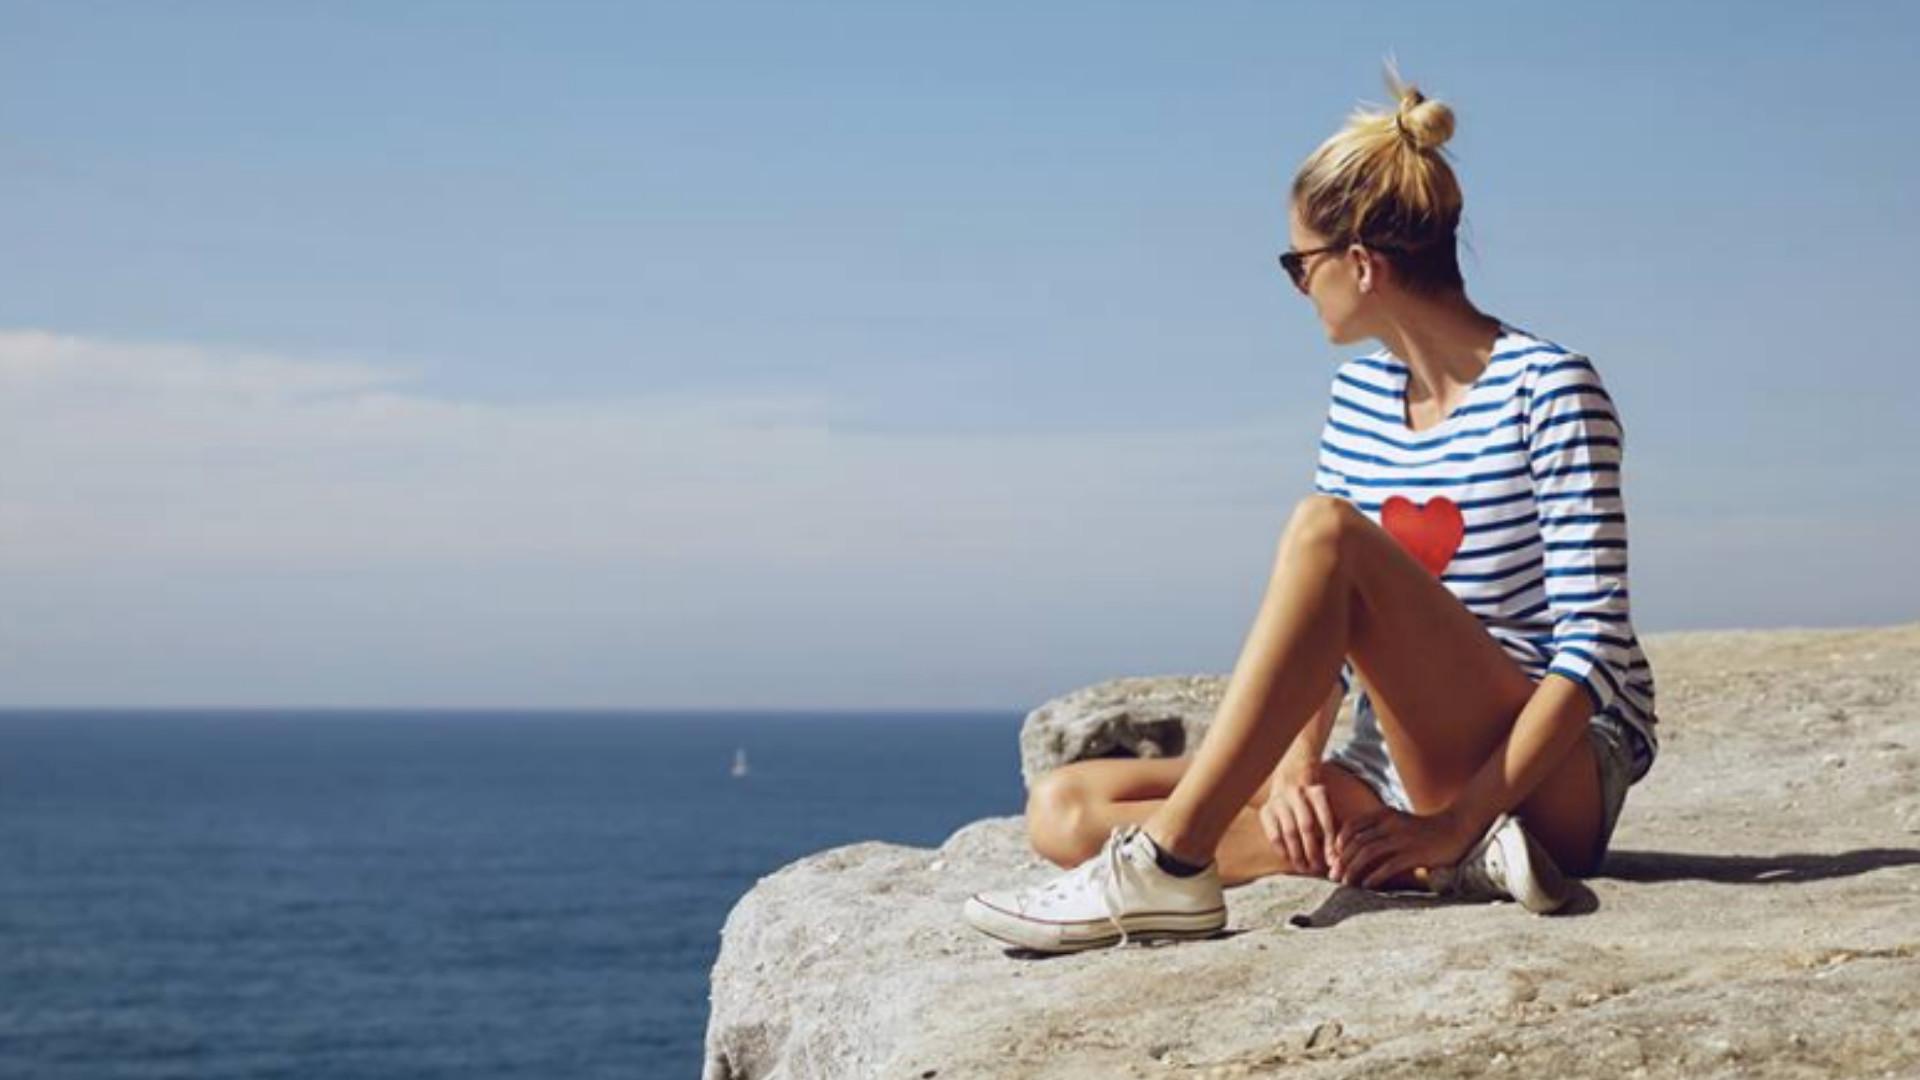 0597ec267 Silvia vymyslela originálne pískacie oblečenie: Chceme spraviť kolekciu  úplne bezodpadu